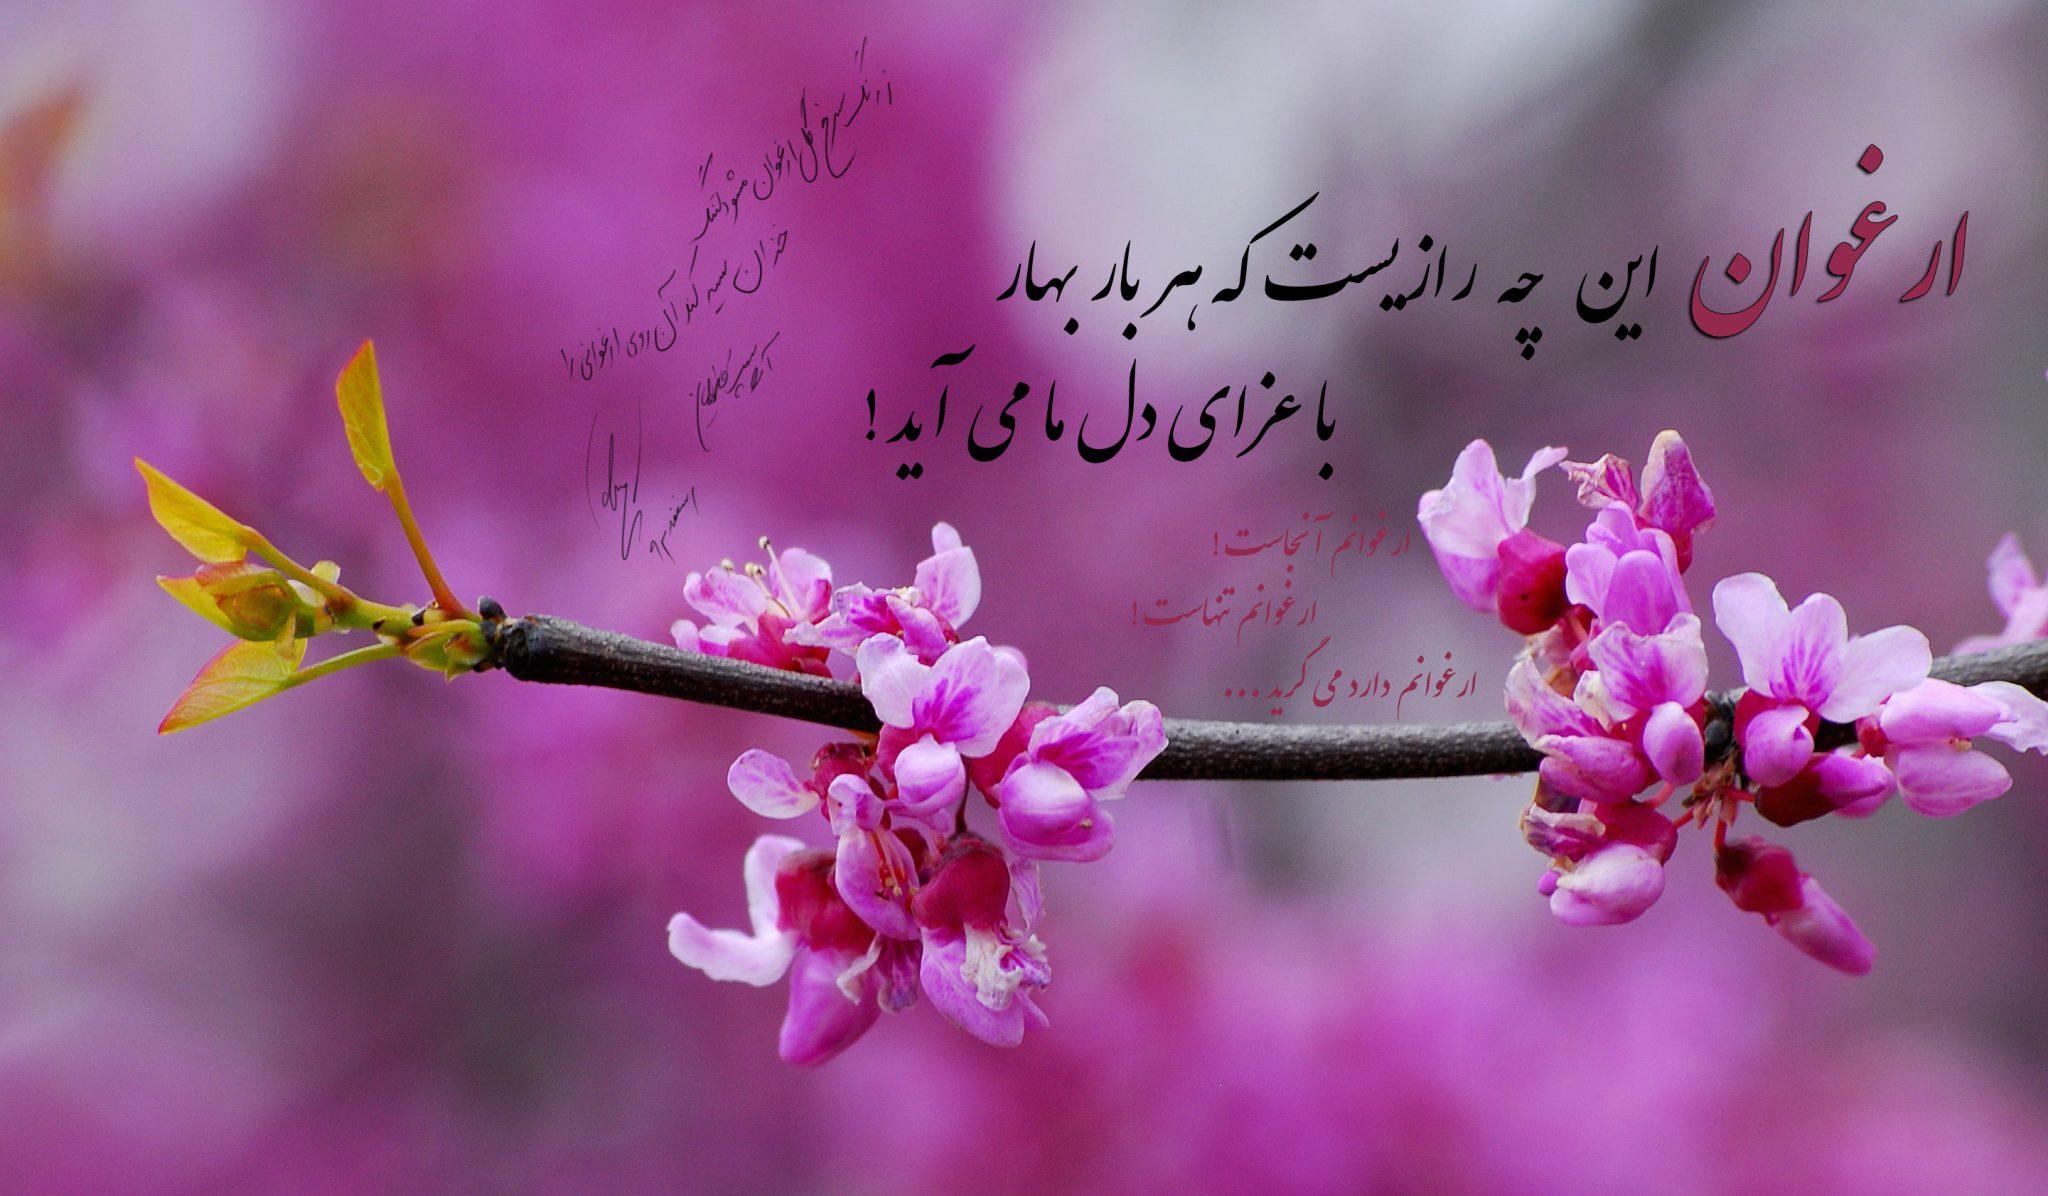 ارغوان این چه رازیست که هر بار بهار با عزای دل ما می آید